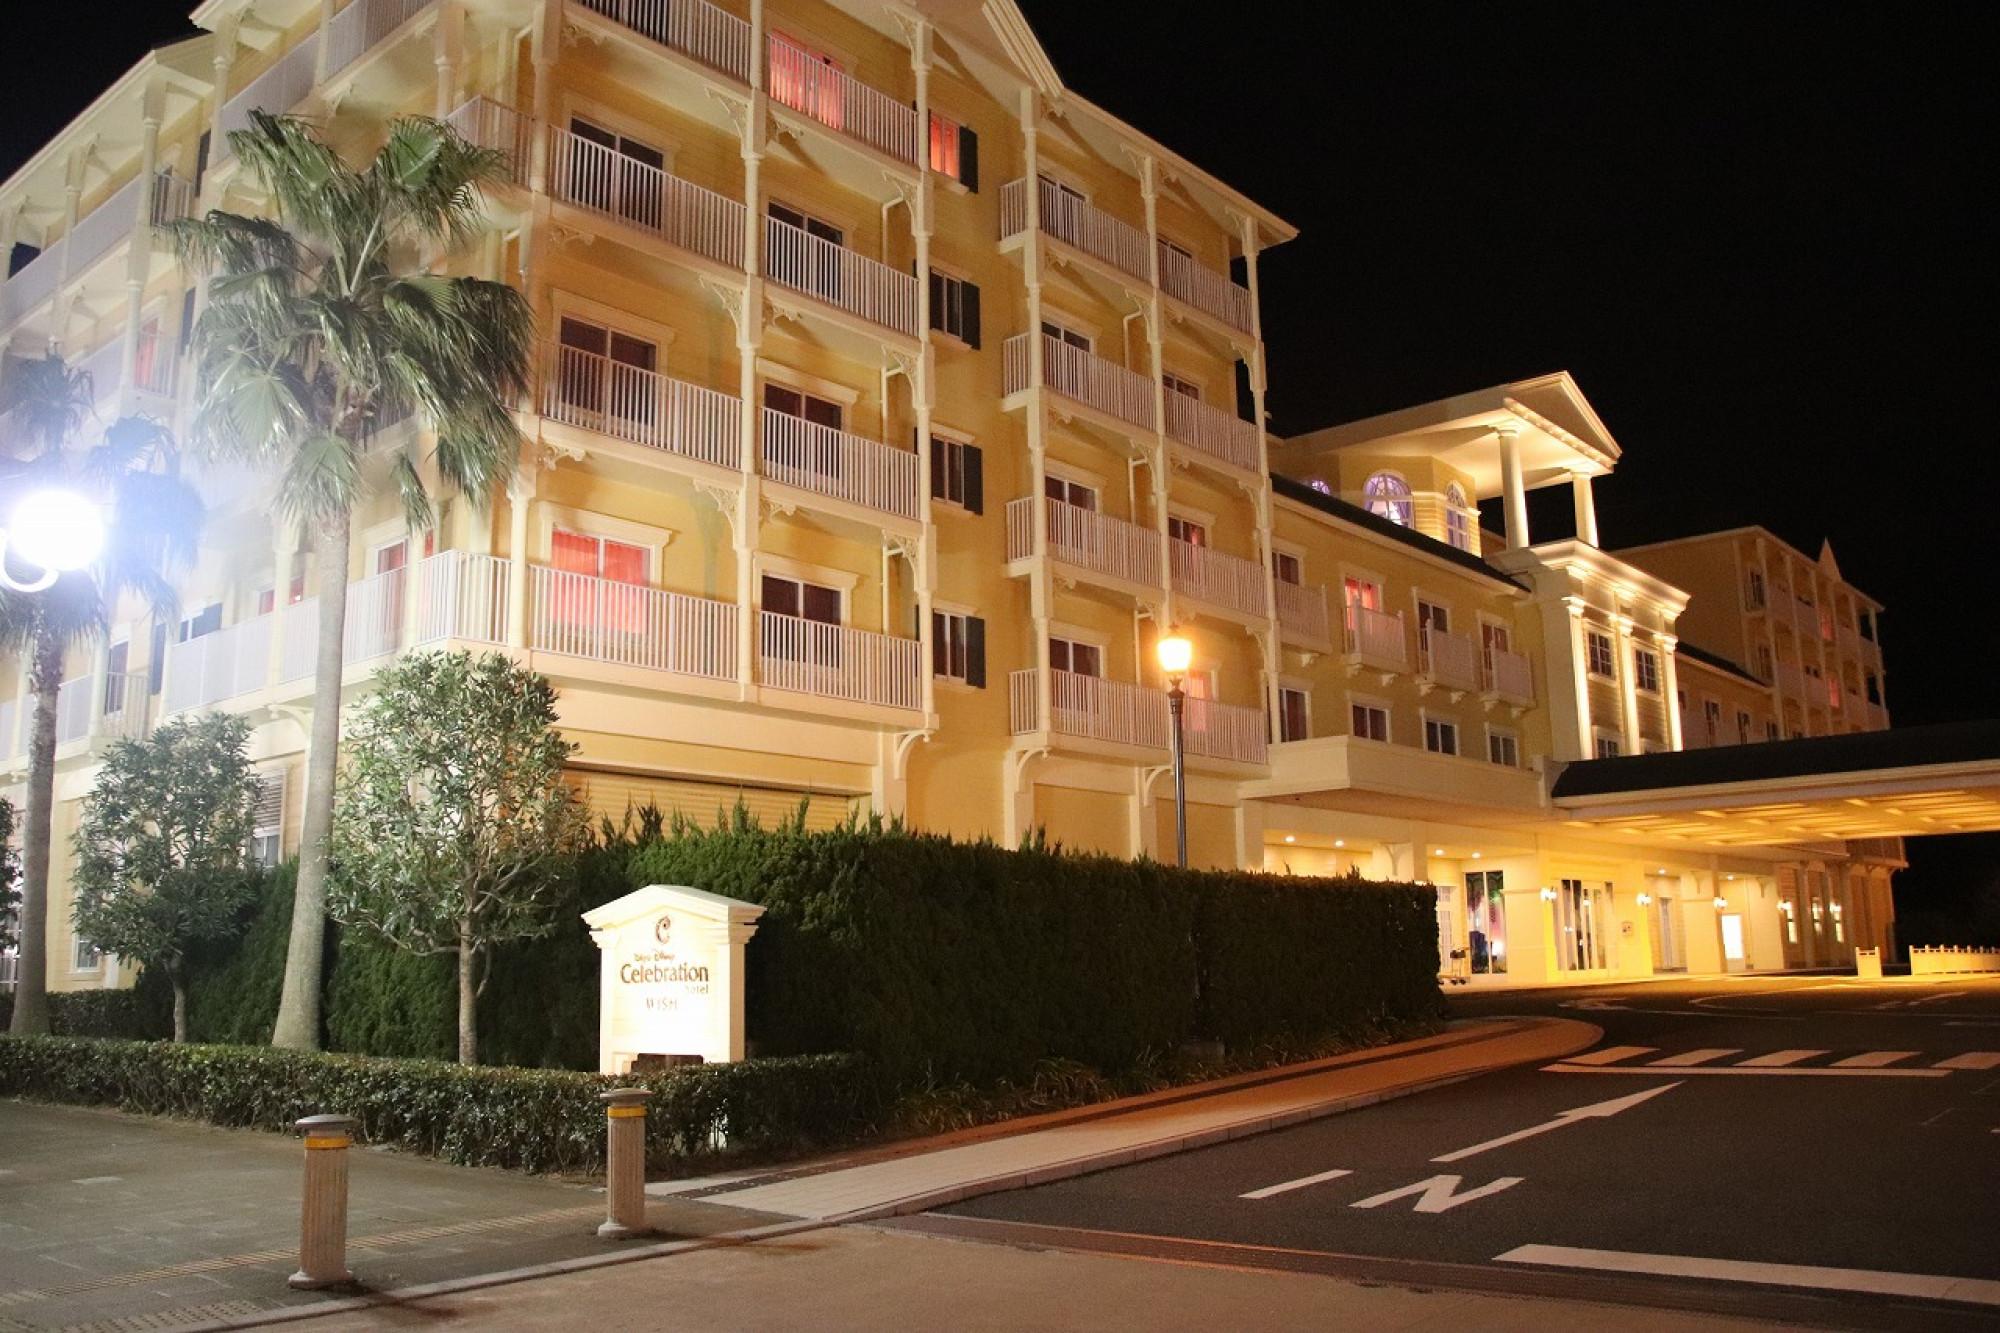 セレブレーションホテル